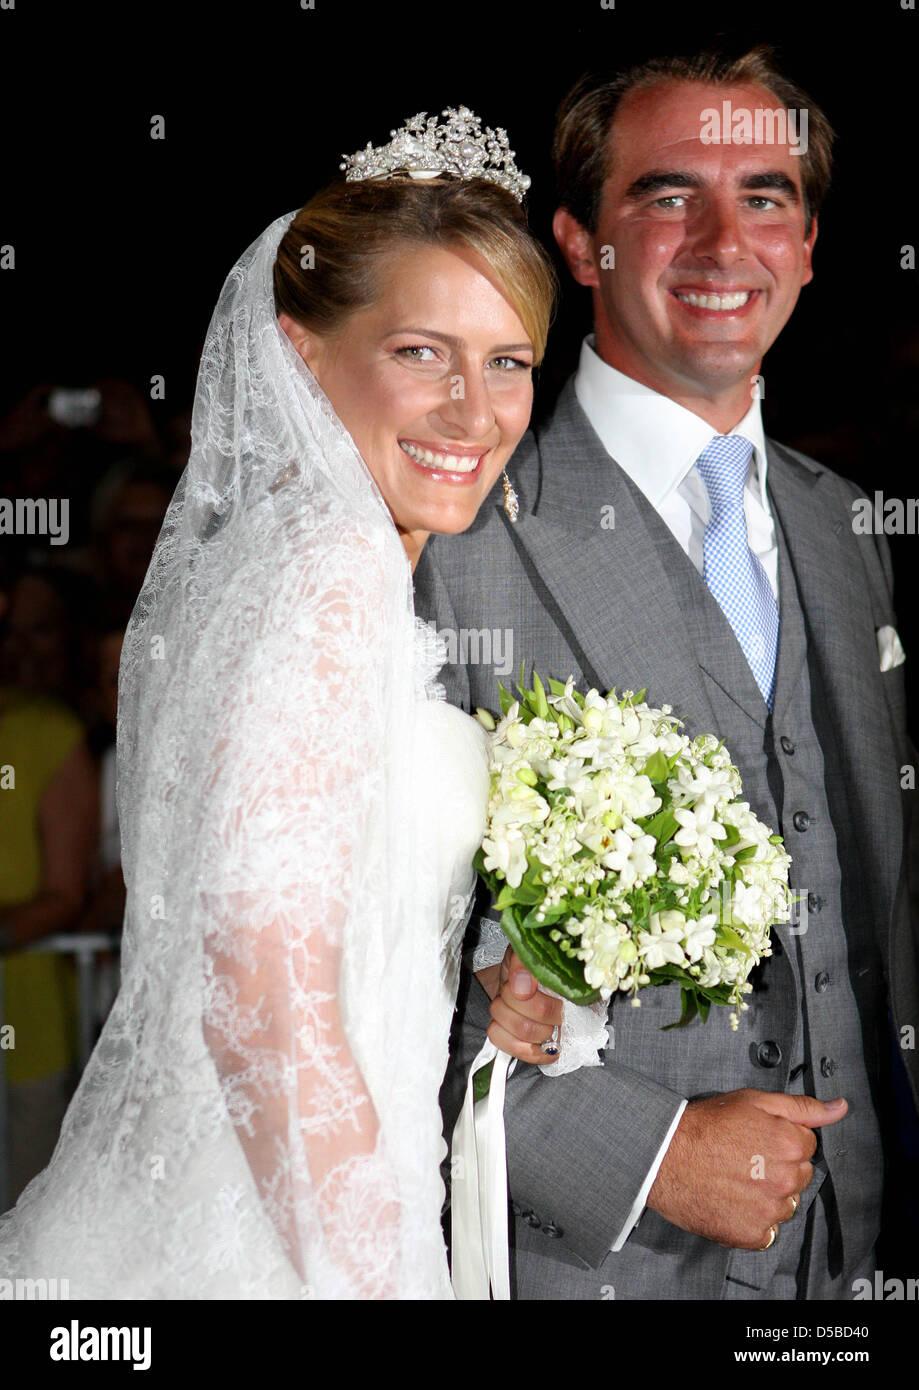 Prince nikolaos of greece wedding